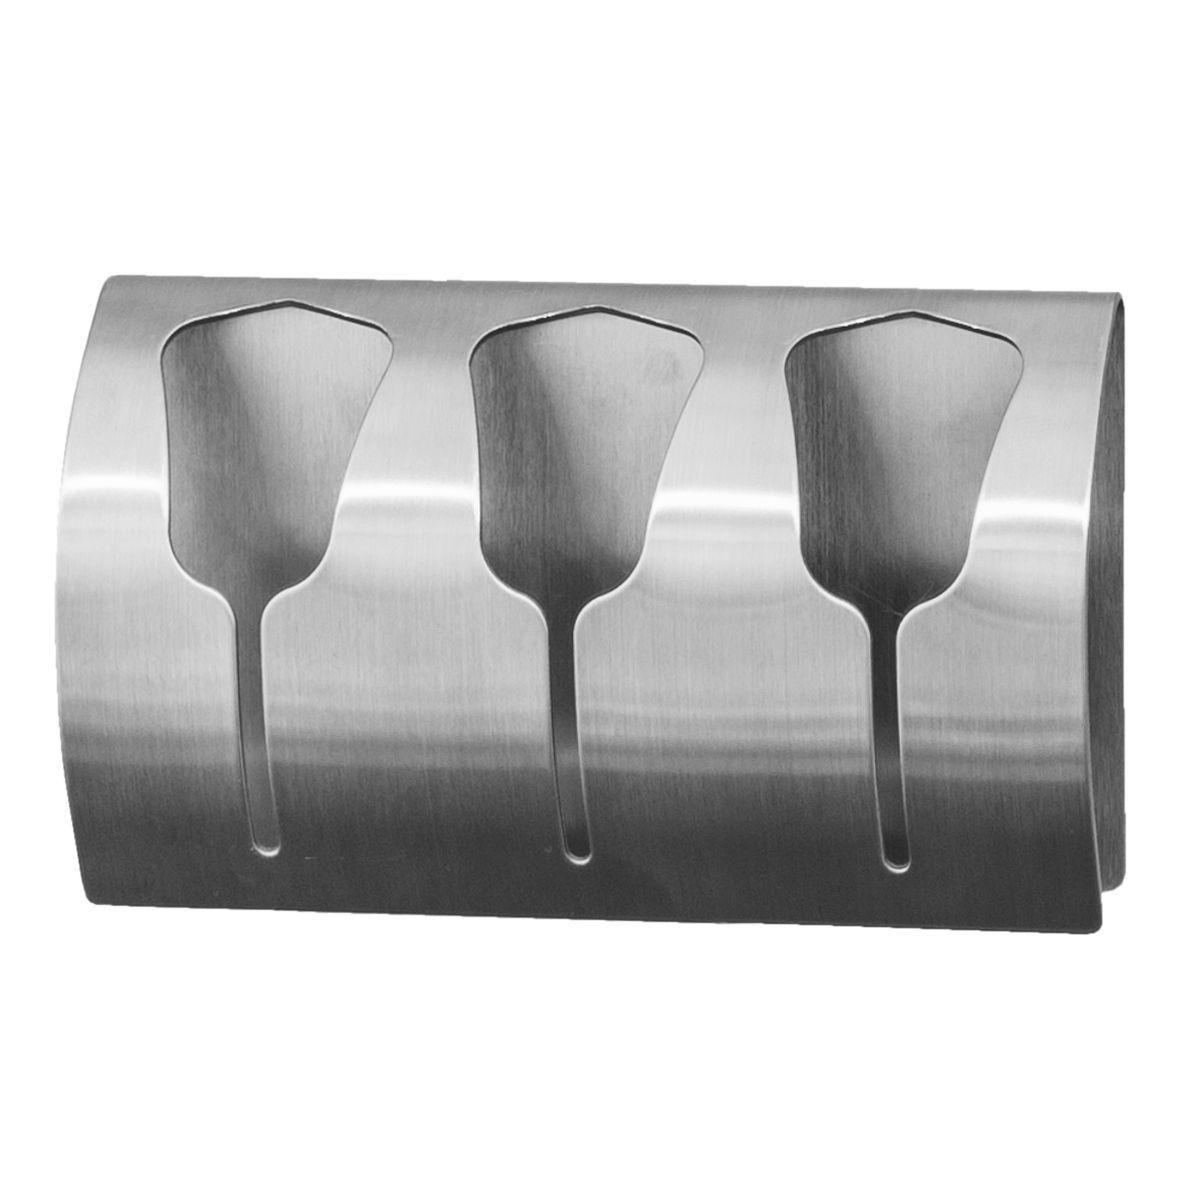 Вешалка Tatkraft Bell, самоклеящийся, для 3 полотенец68/5/3Вешалка Tatkraft Bell - самоклеящаяся вешалка для 3 полотенец из нержавеющей стали, не боится влаги, удобна в использовании. Легкая установка (инструкция на упаковке), надежный клеевой слой, выдерживает вес до 10 кг.